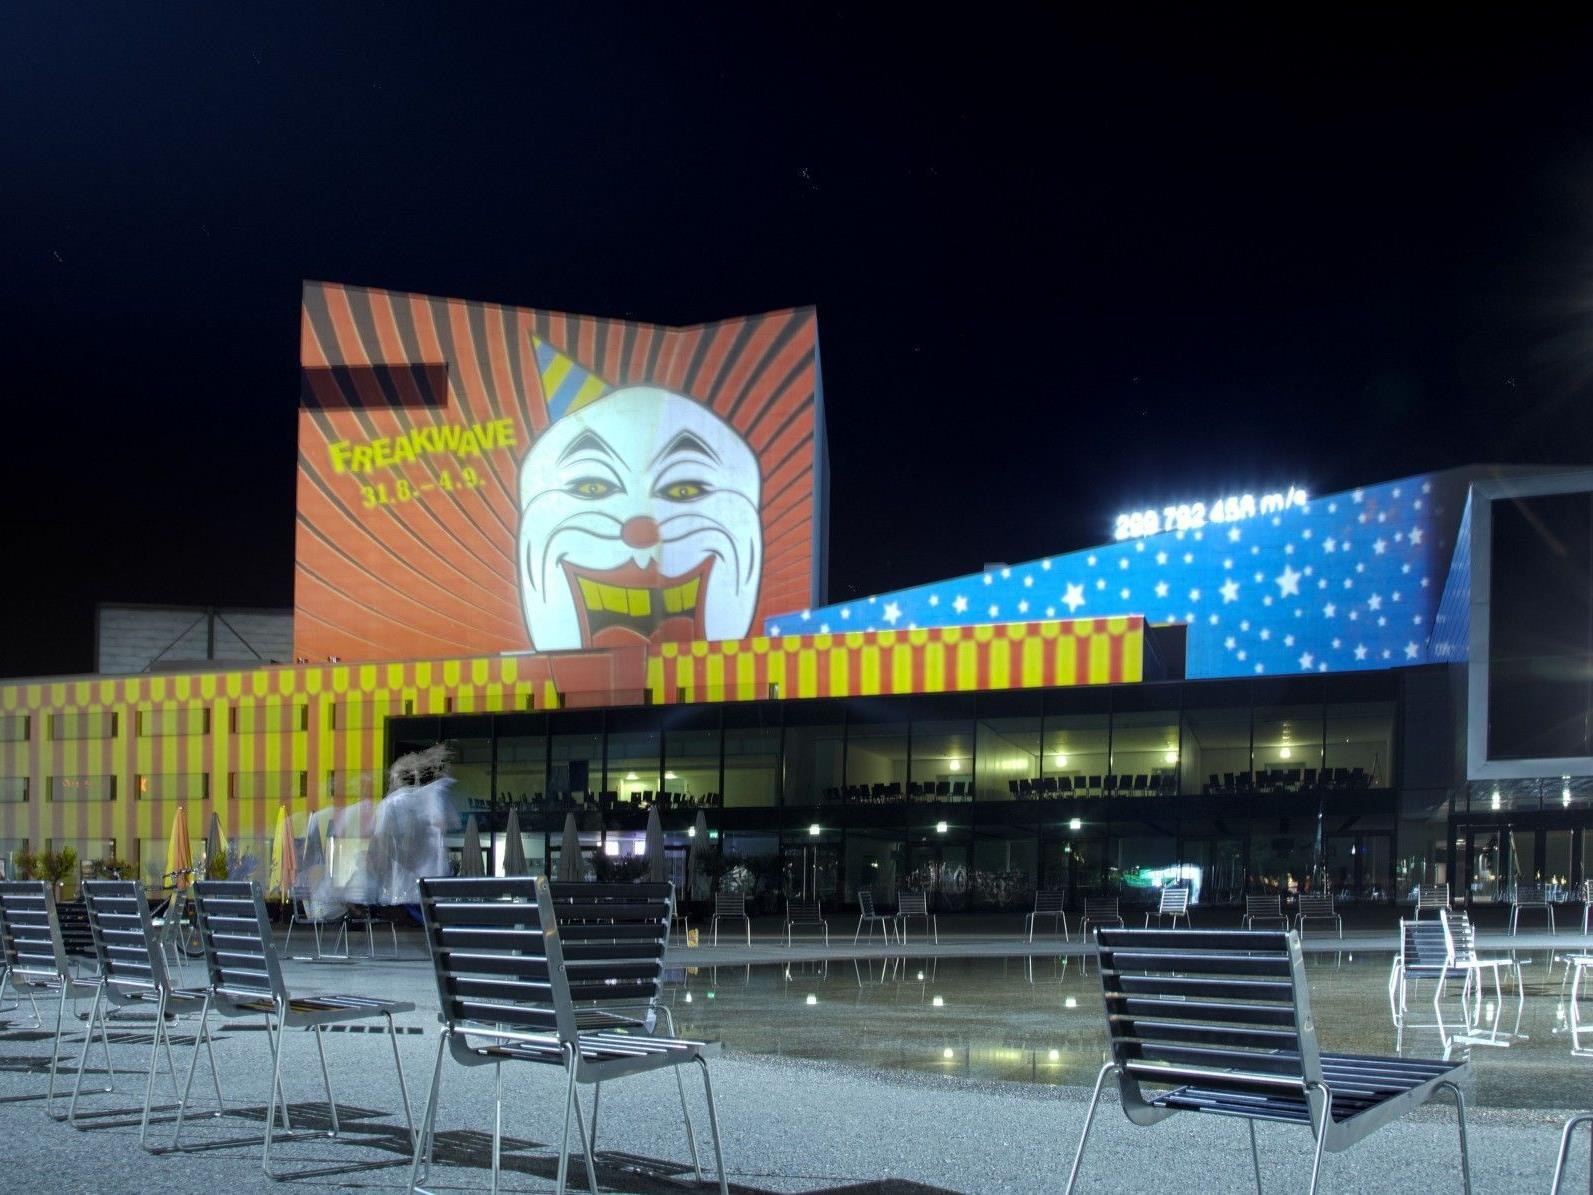 Die Visual Art-Kollektive Neon Golden und Luma tauchen das Festspielhaus mit ihren Installationen wieder in neues Licht.